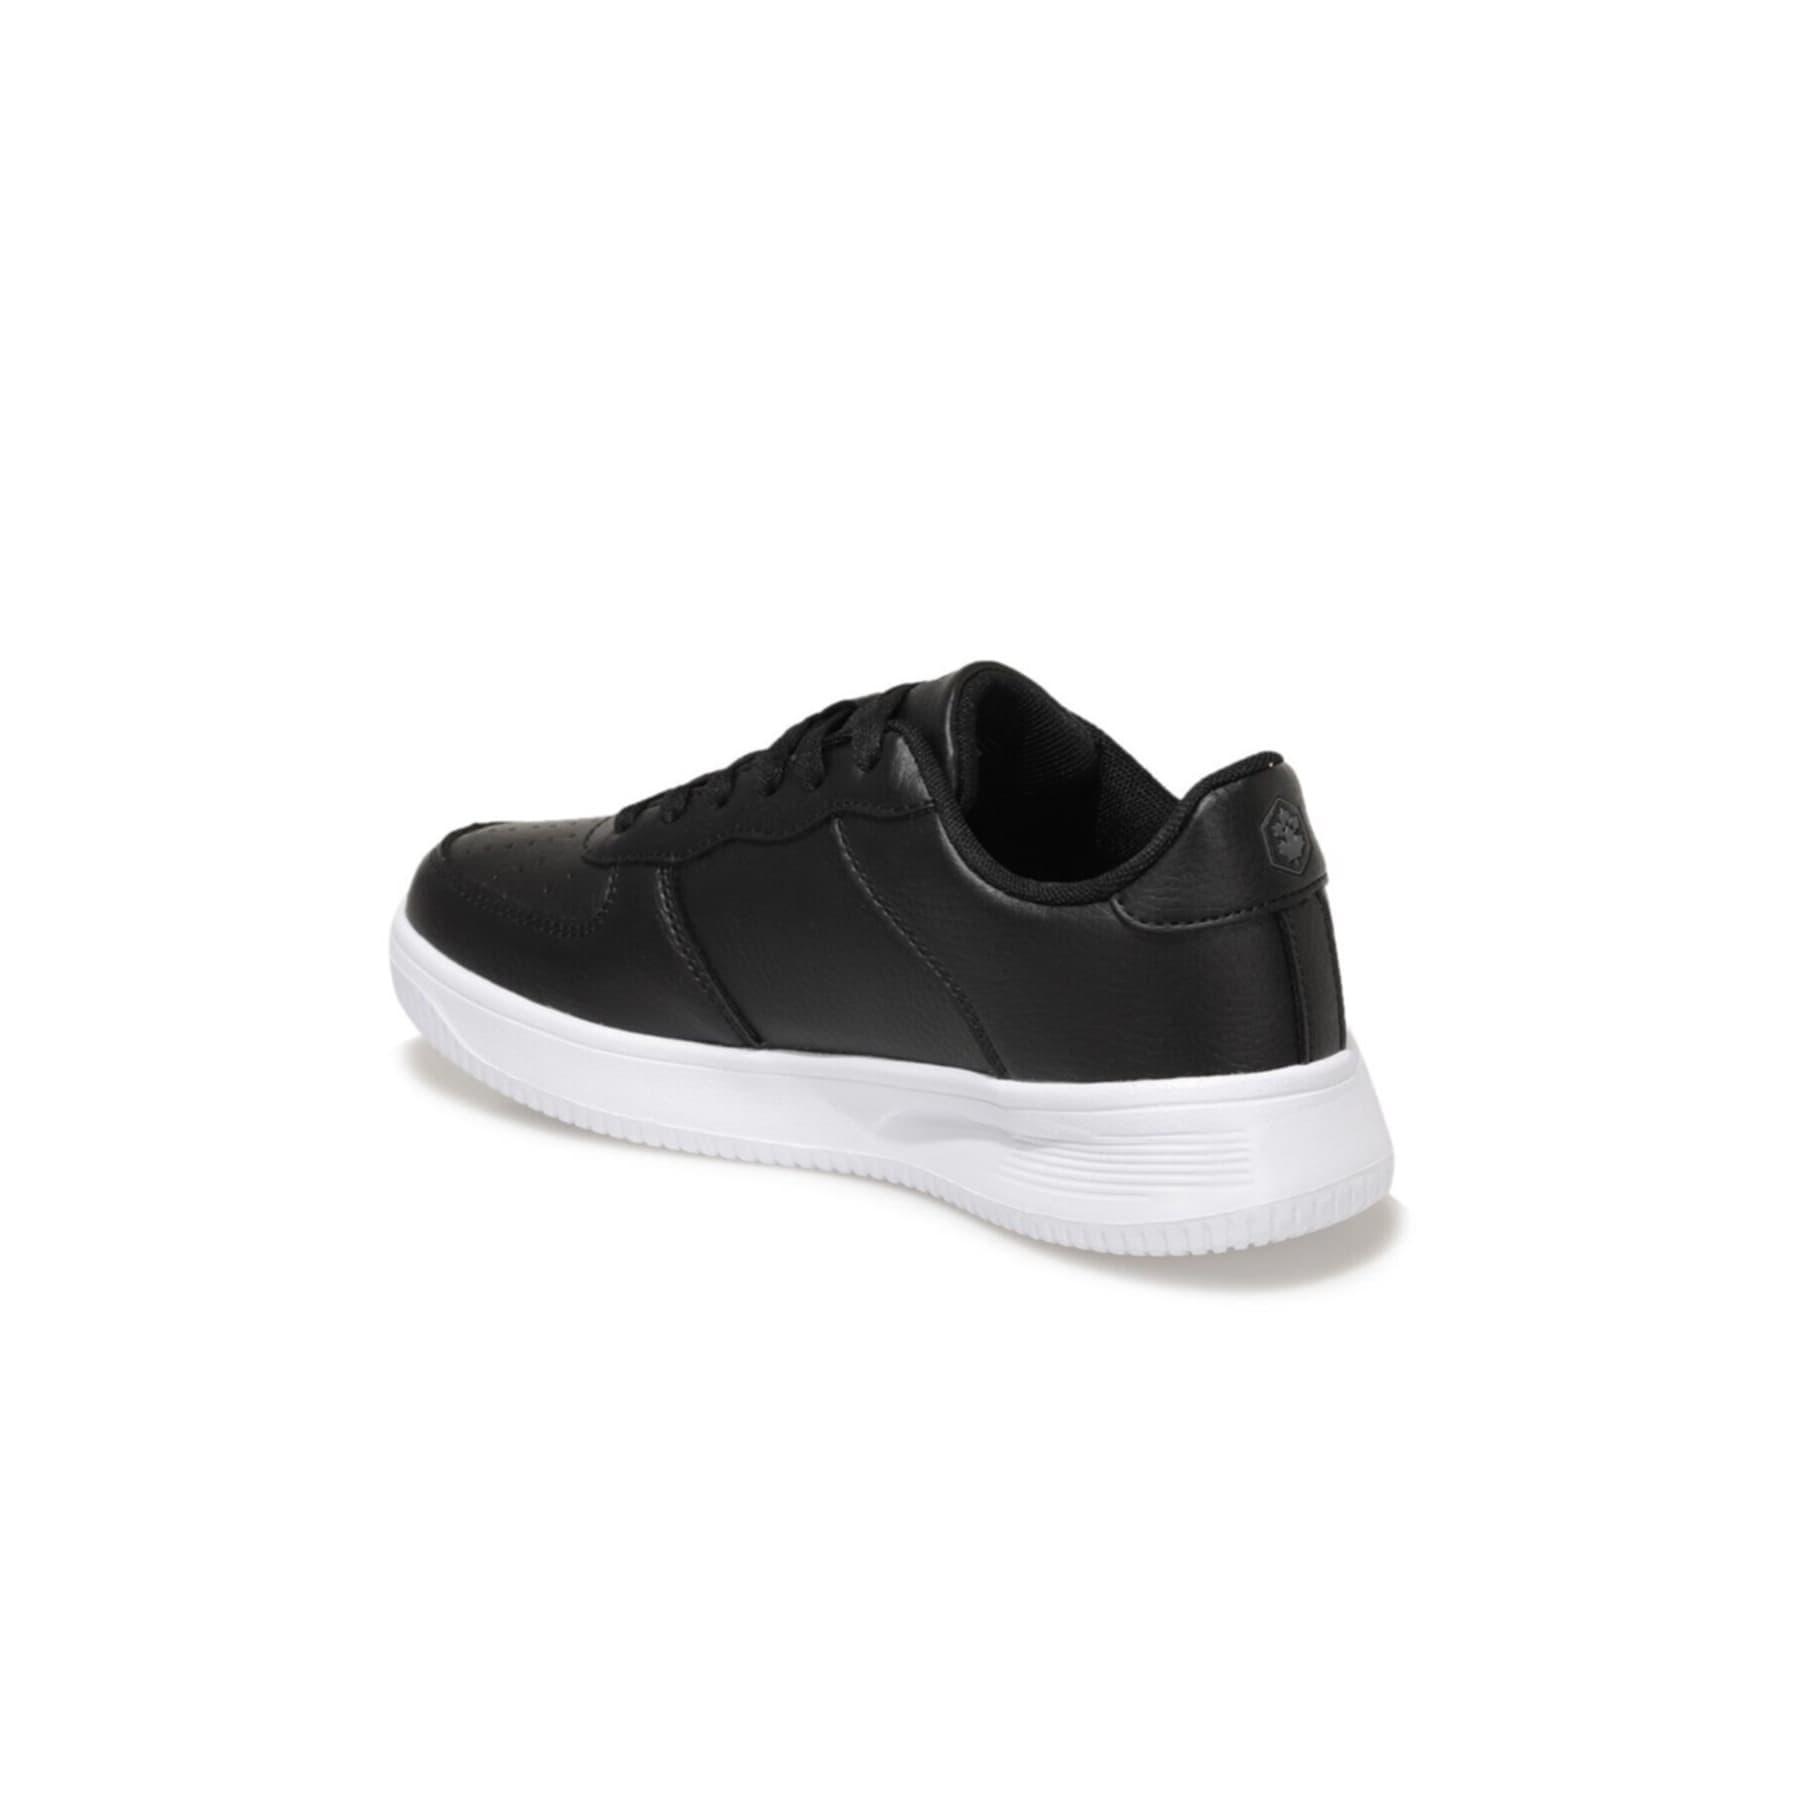 Finster Kadın Siyah Spor Ayakkabı (100784941)